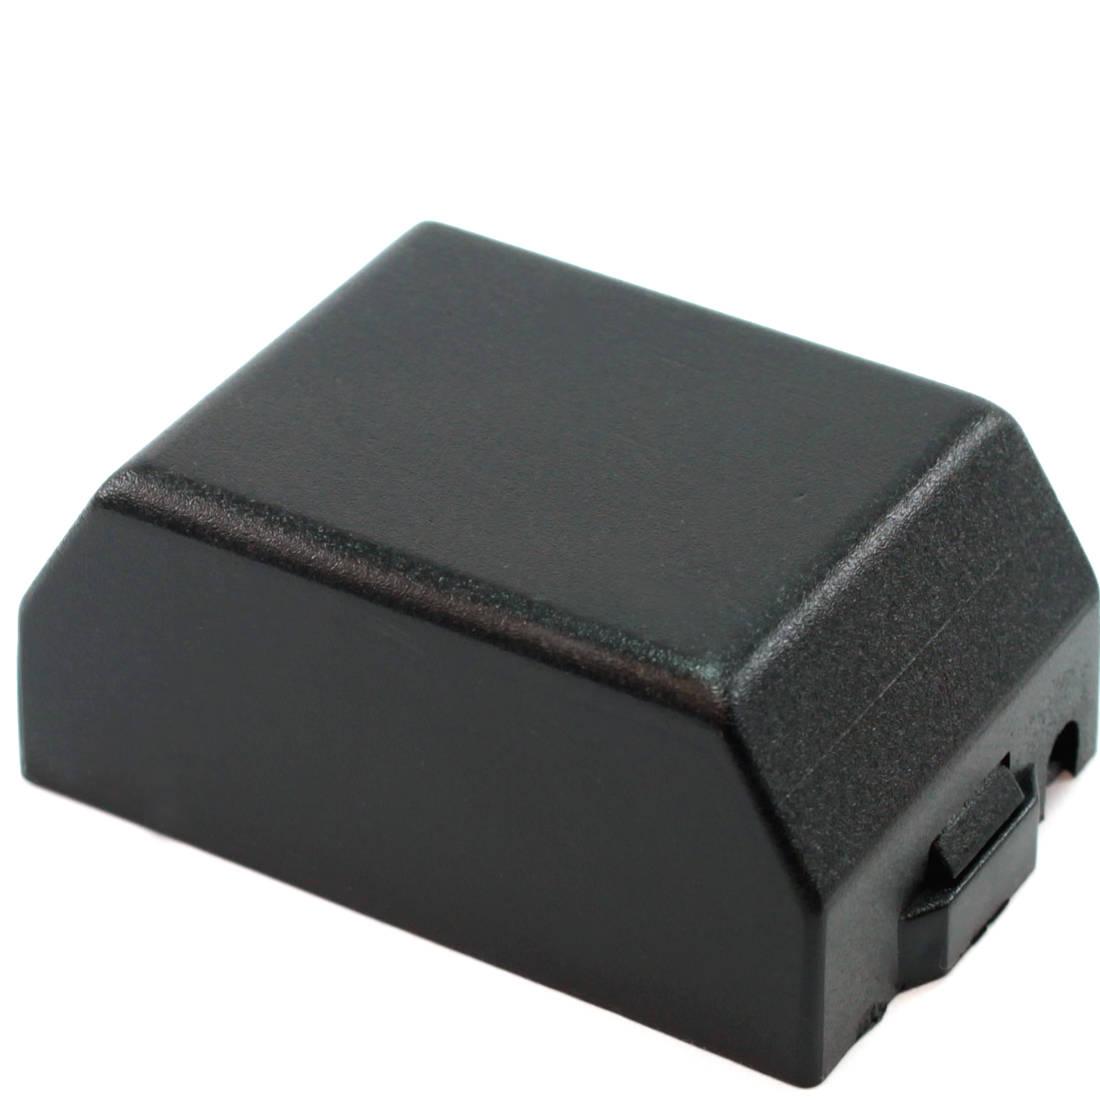 Caixa Patola PB-065